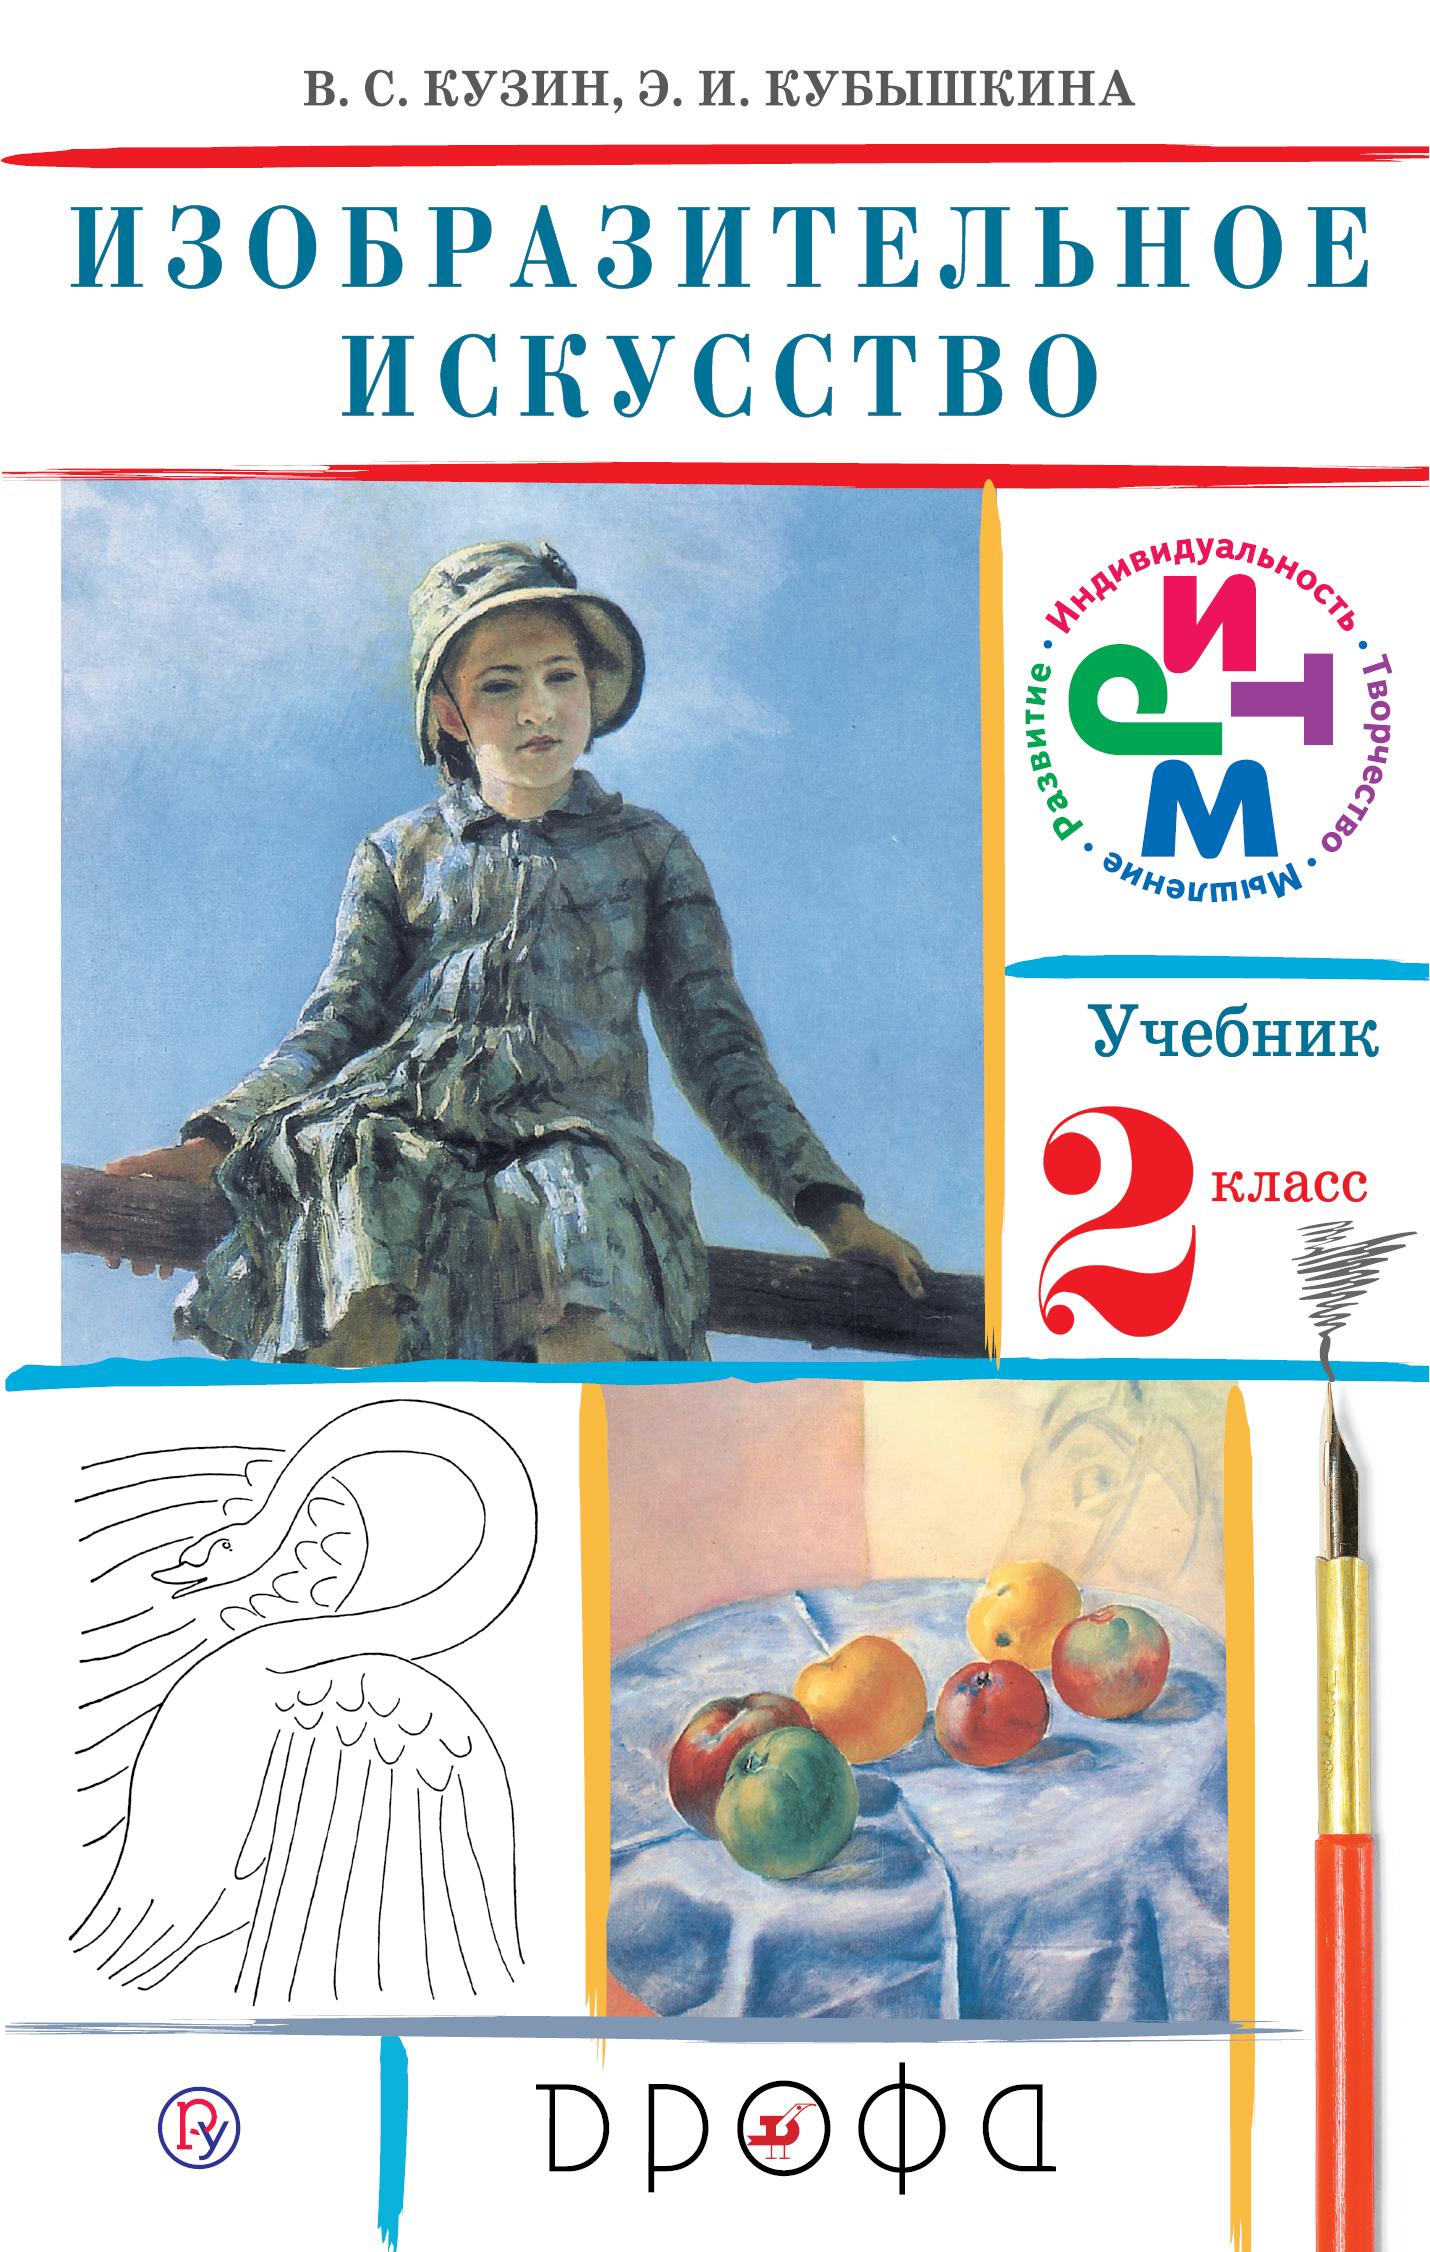 Кузин В.С., Кубышкина Э.И. Изобразительное искусство. 2 класс. Учебник. кузин в с кузин 2 изобразительное искусство 2 кл учебник cd ритм фгос